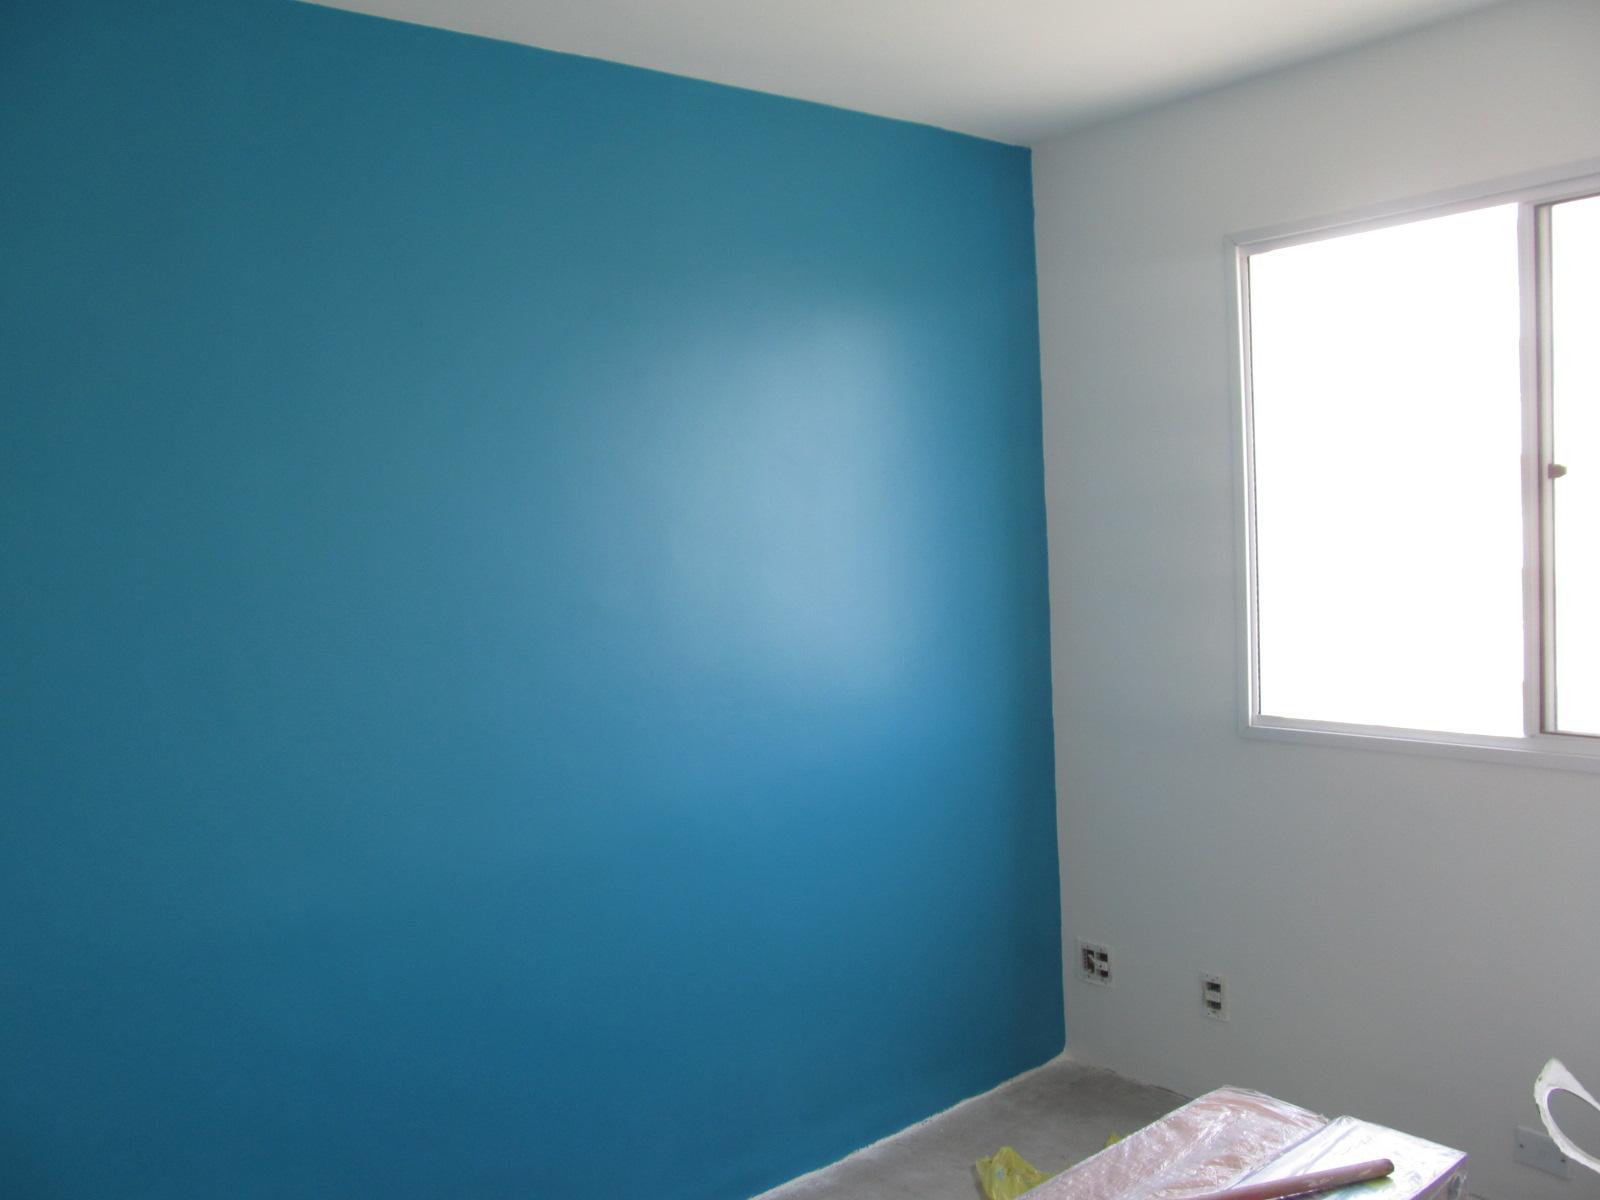 Coral Azul Tinta ~ Coral Decora Acabamento Acetinado a saga do apartamento